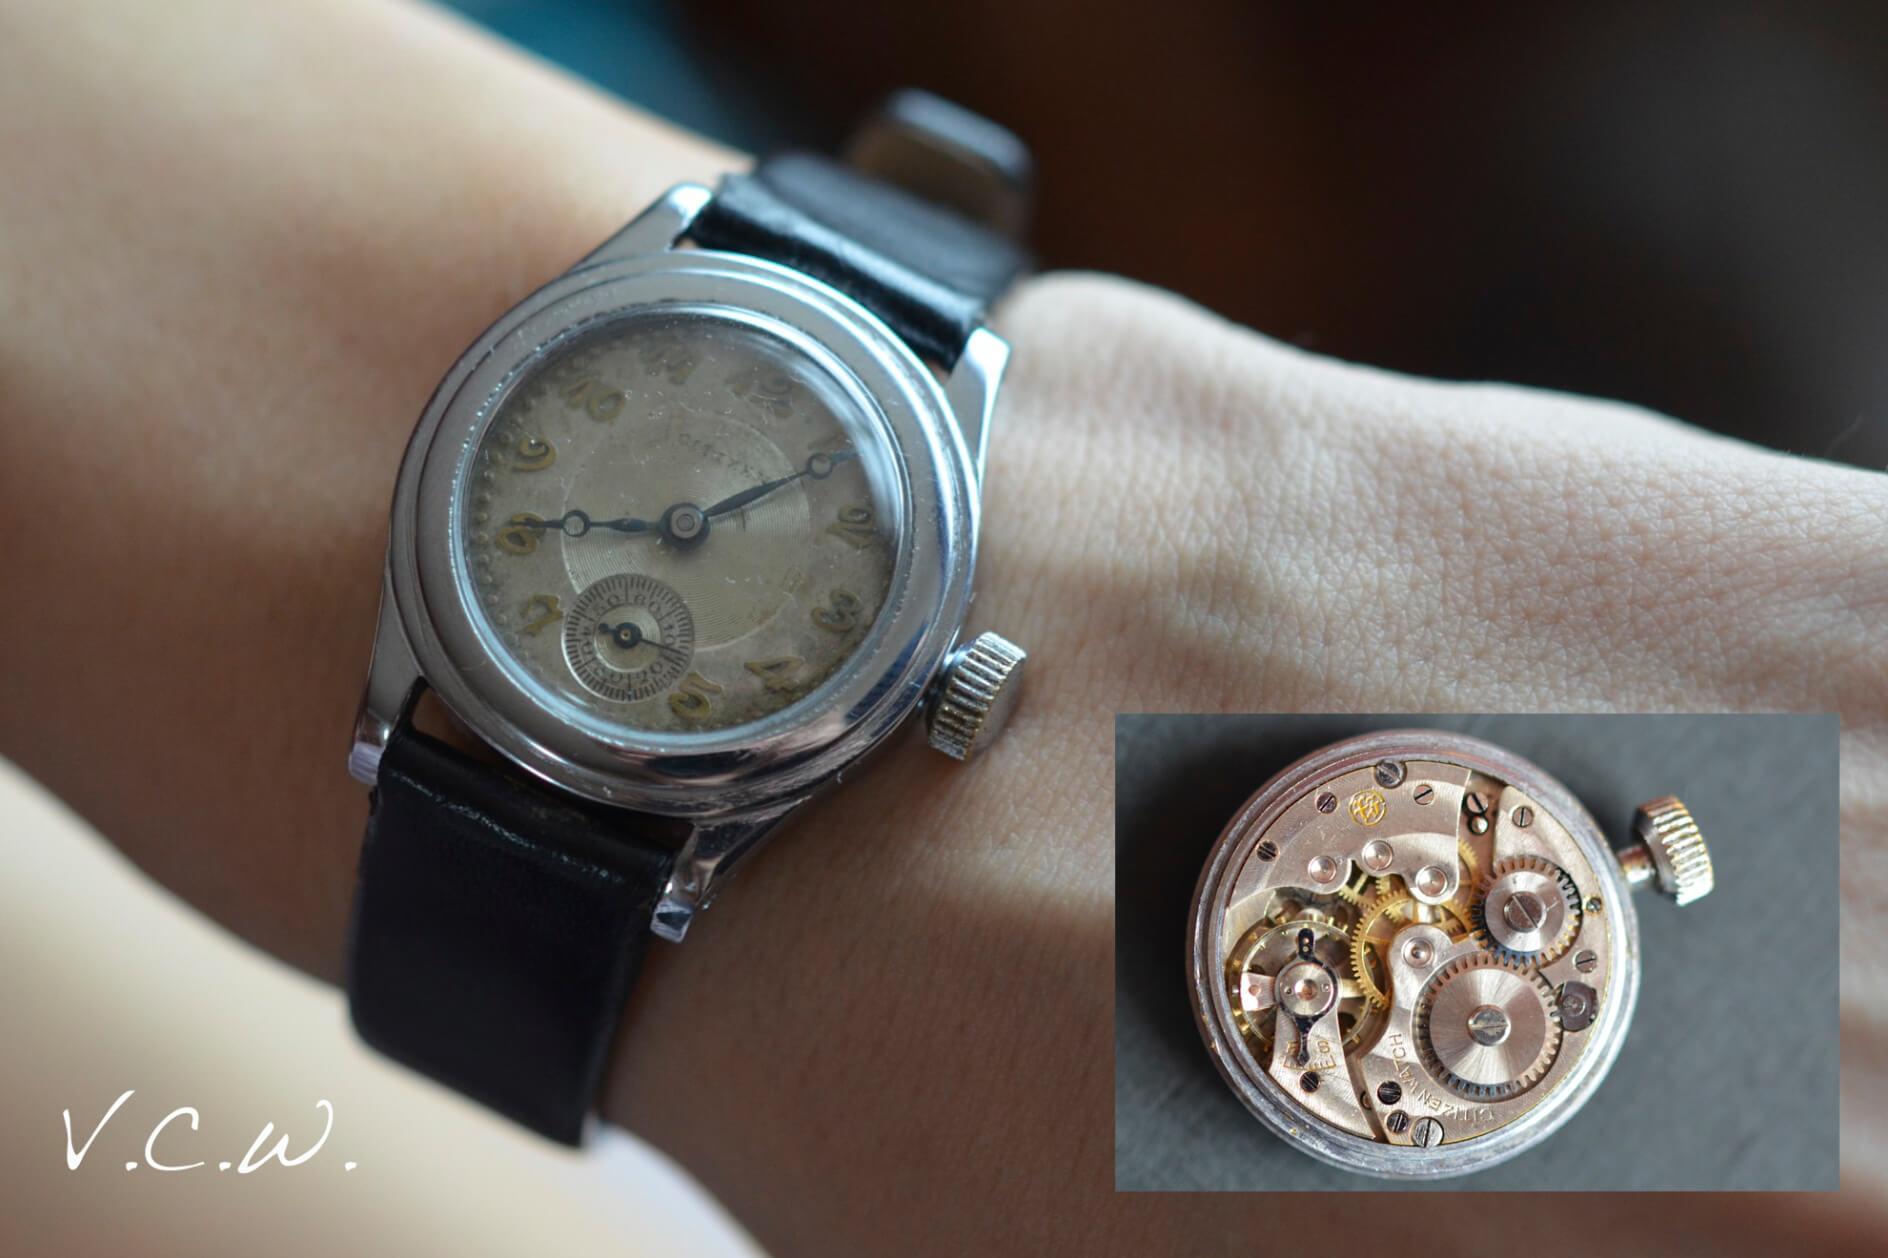 Първите часовници на Seiko - Невероятната история на Seiko - Timer.bg